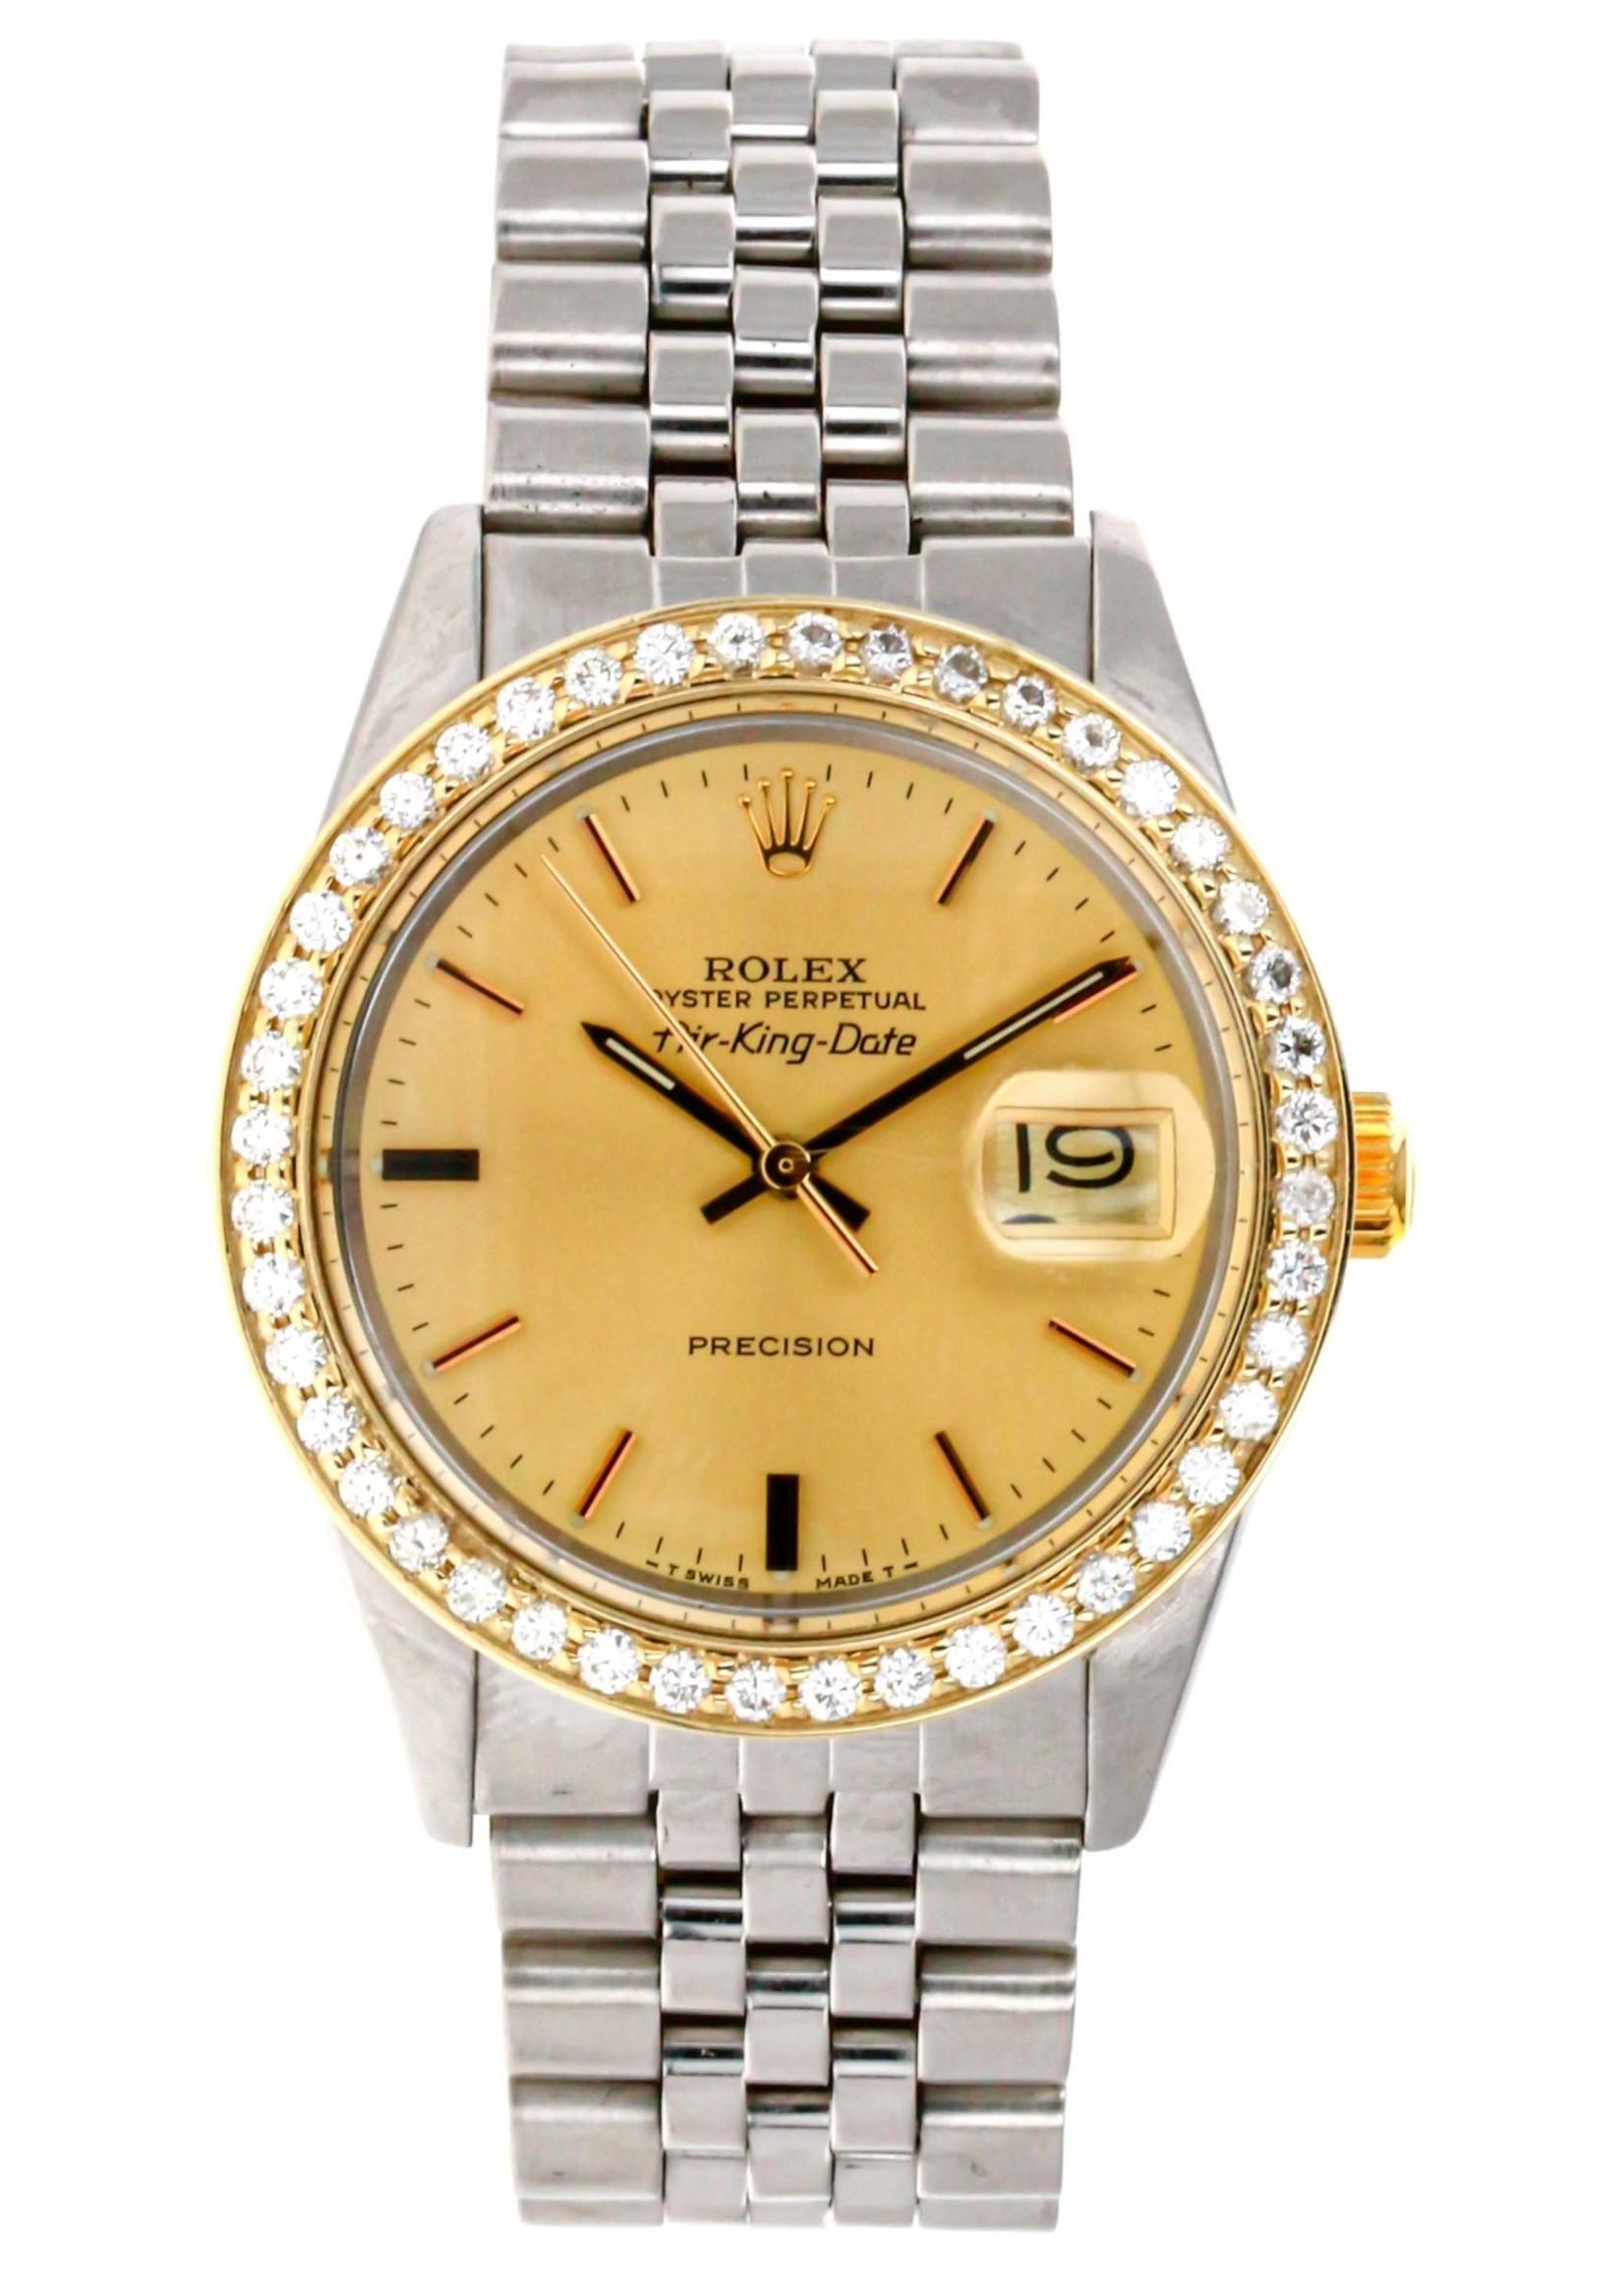 Rolex ROLEX AIRKING DATE PRECISION 34MM (1988) #5701N